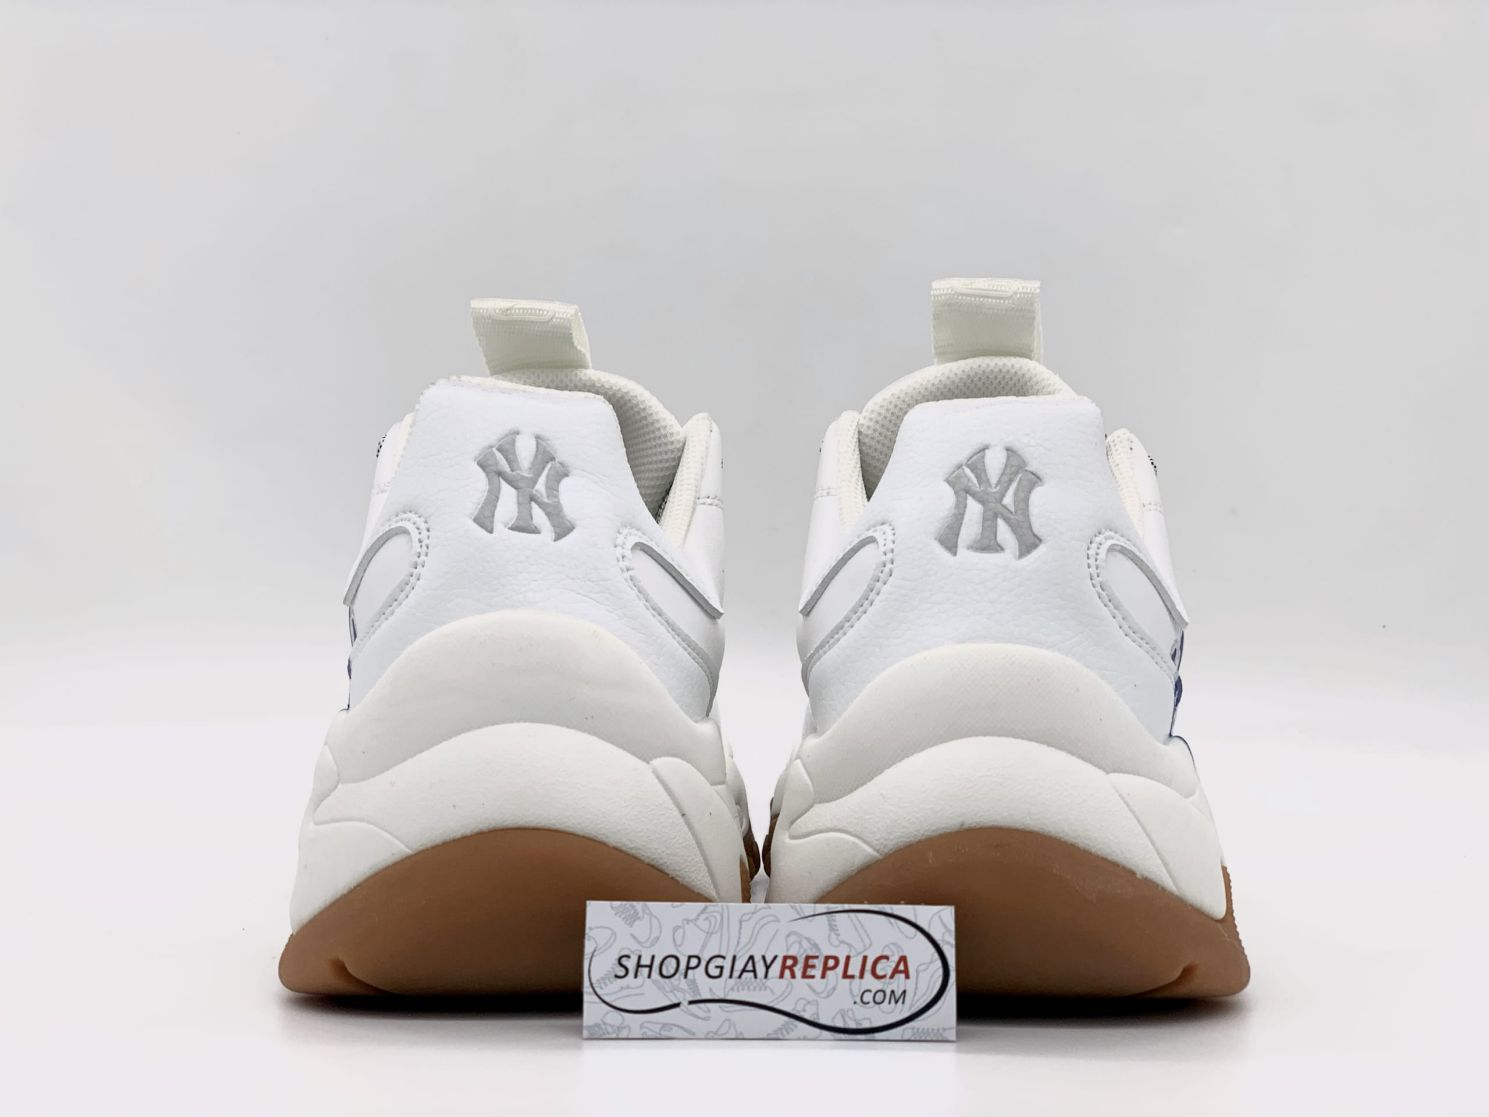 giày new york trắng chữ xanh